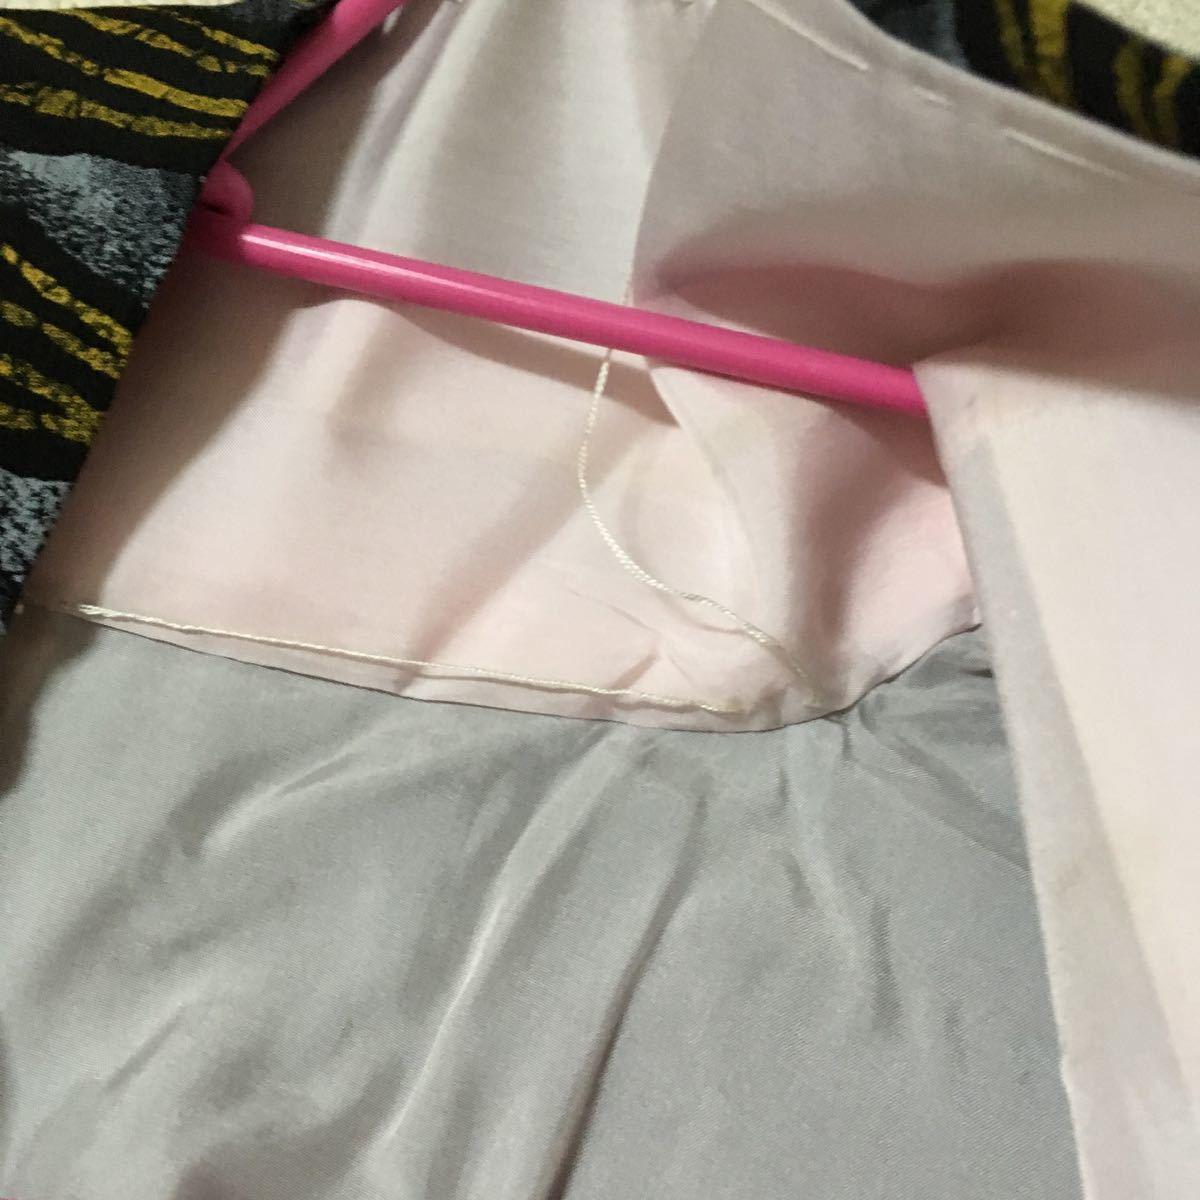 着物、あわせ着物、広襟仕立て、着物2点おまとめ割りあり